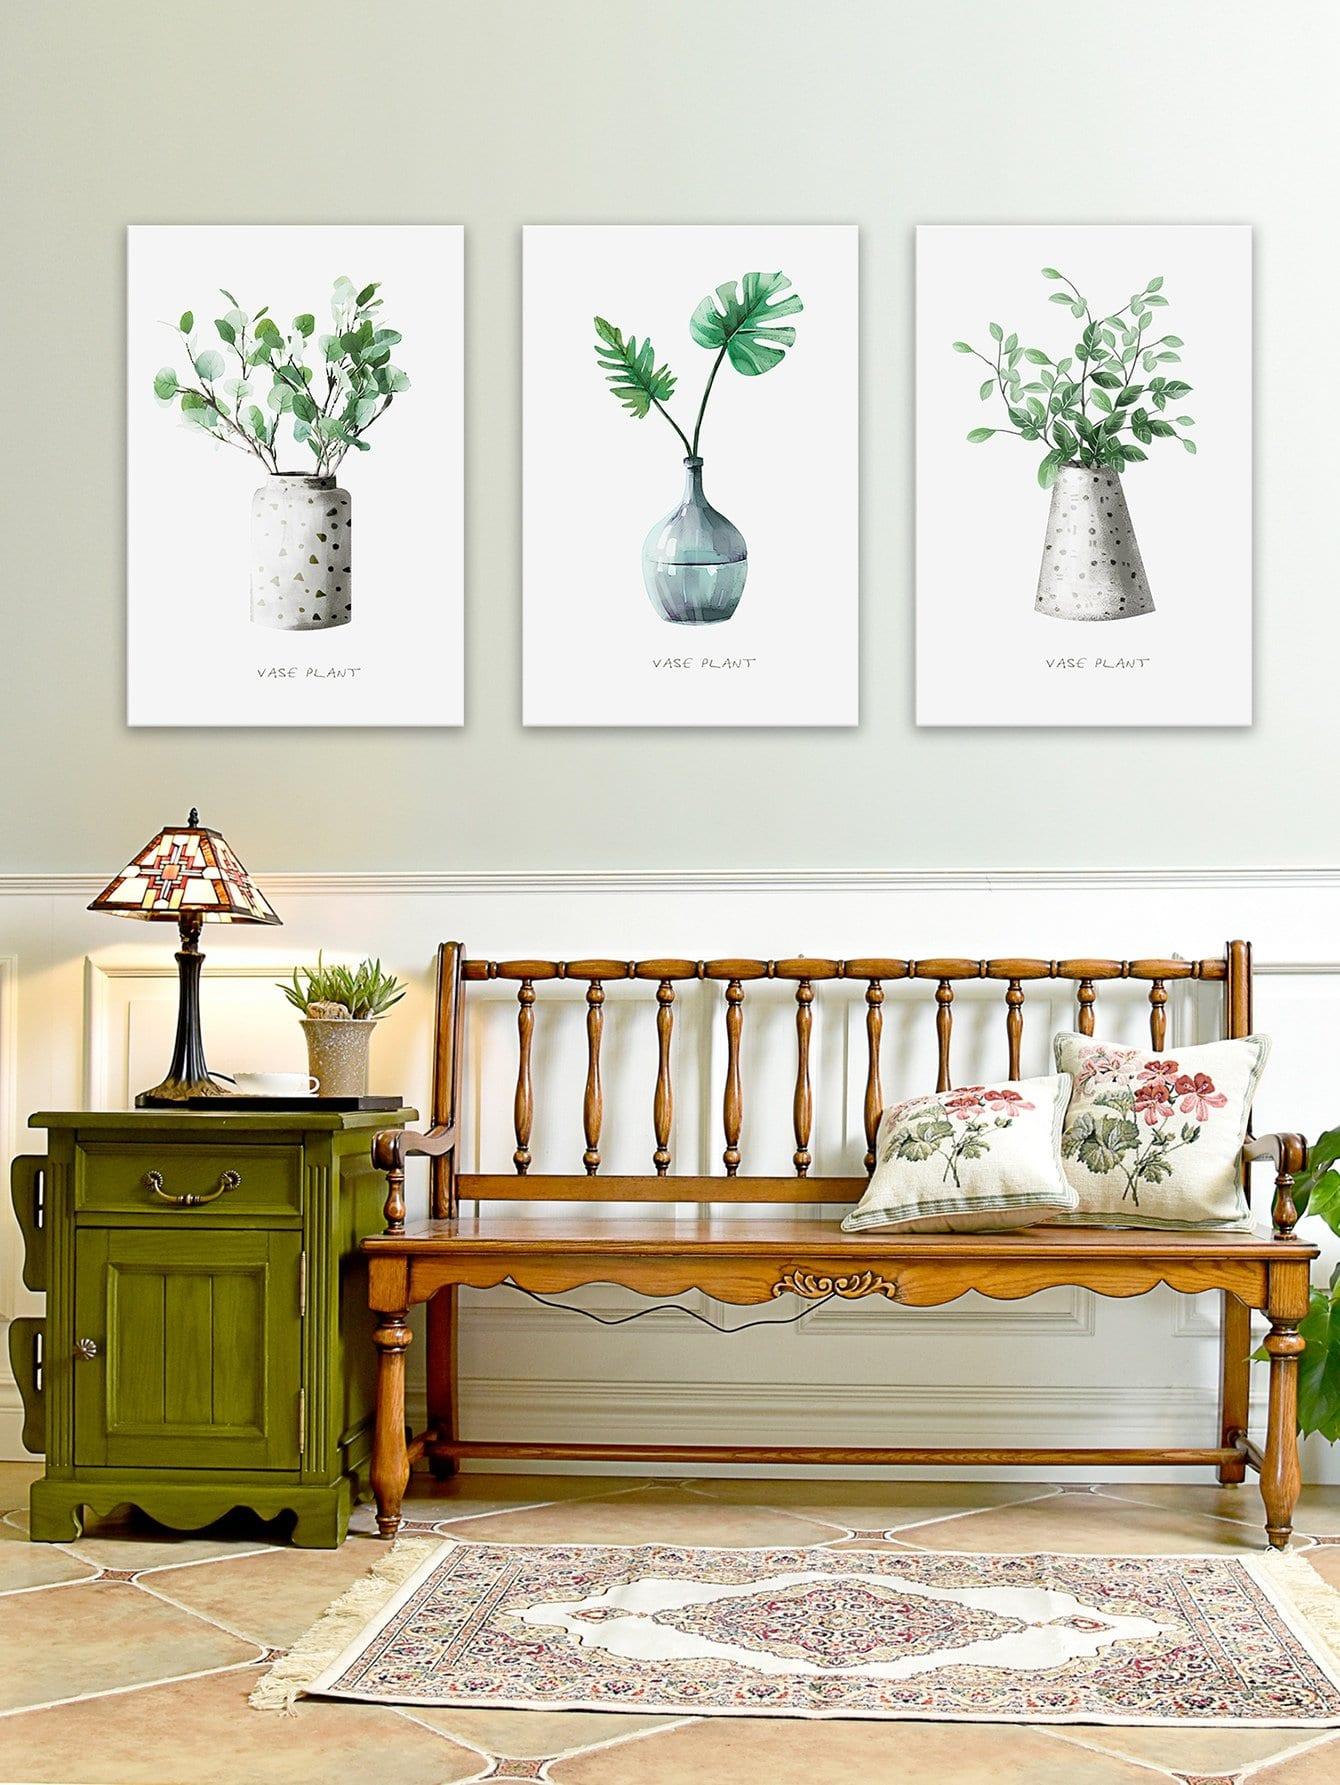 Купить Настенная фотография с рисунками растений 3 шт, null, SheIn